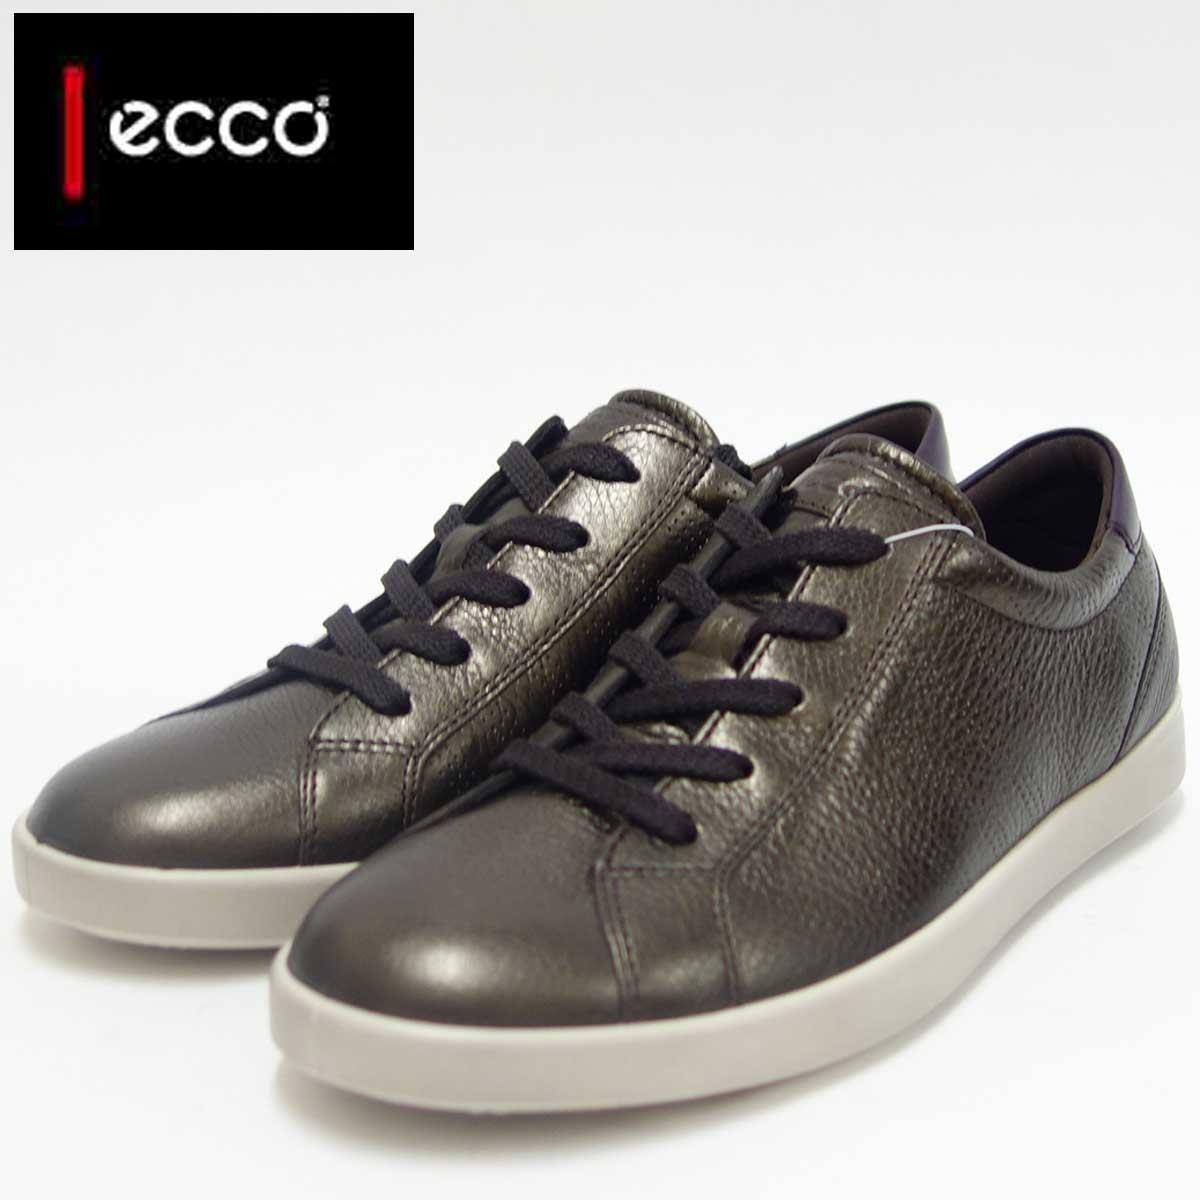 ECCO エコー 241023 リコリスメタリック(レディース)上質レザーレースアップシューズお洒落カジュアル&ウォーキング天然皮革コンフォートシューズ「靴」